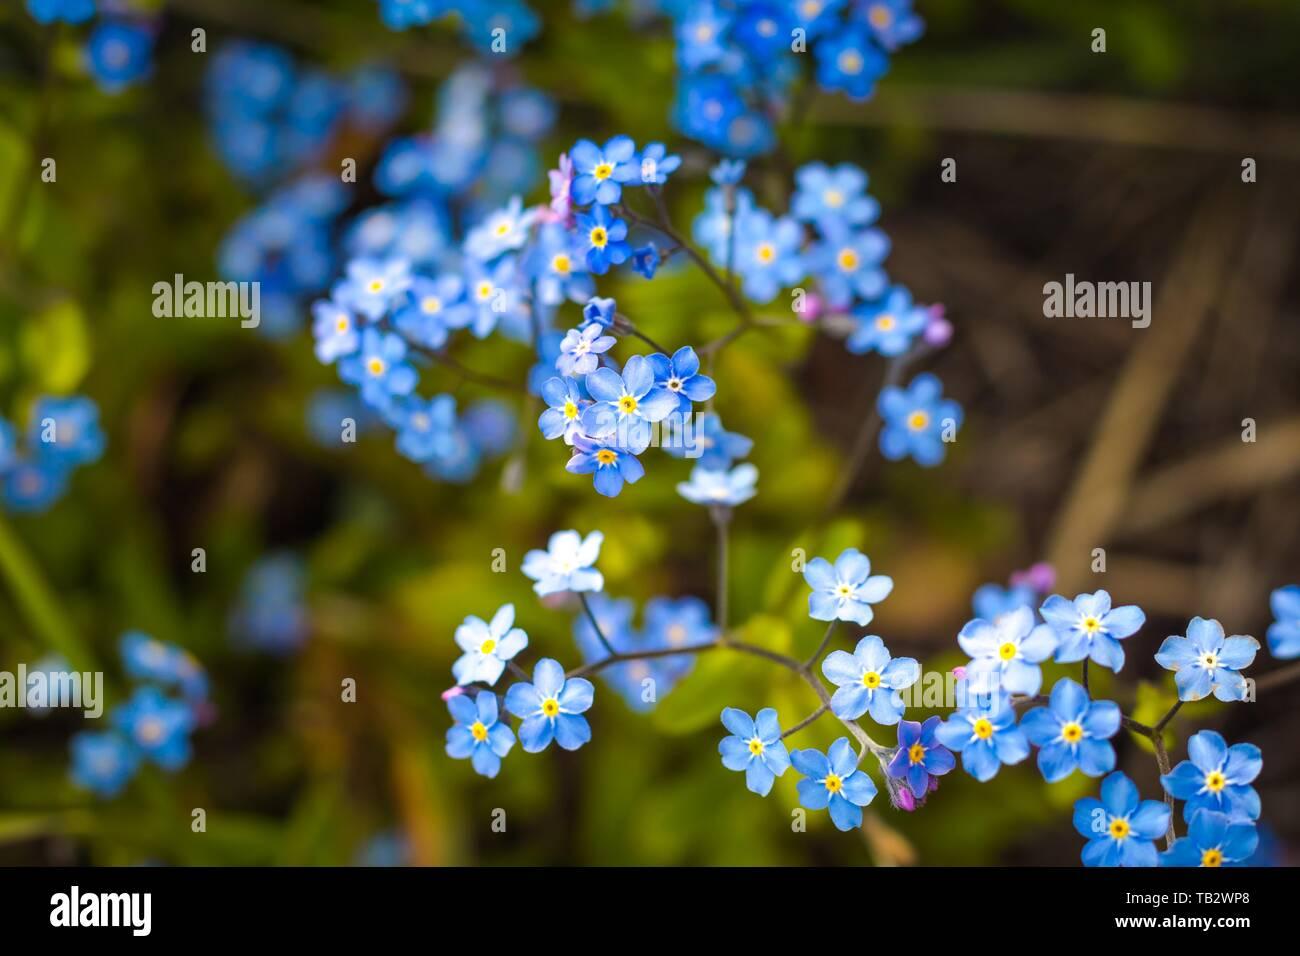 Viele Farben Blau Schatten Wachsen In Einem Schonen